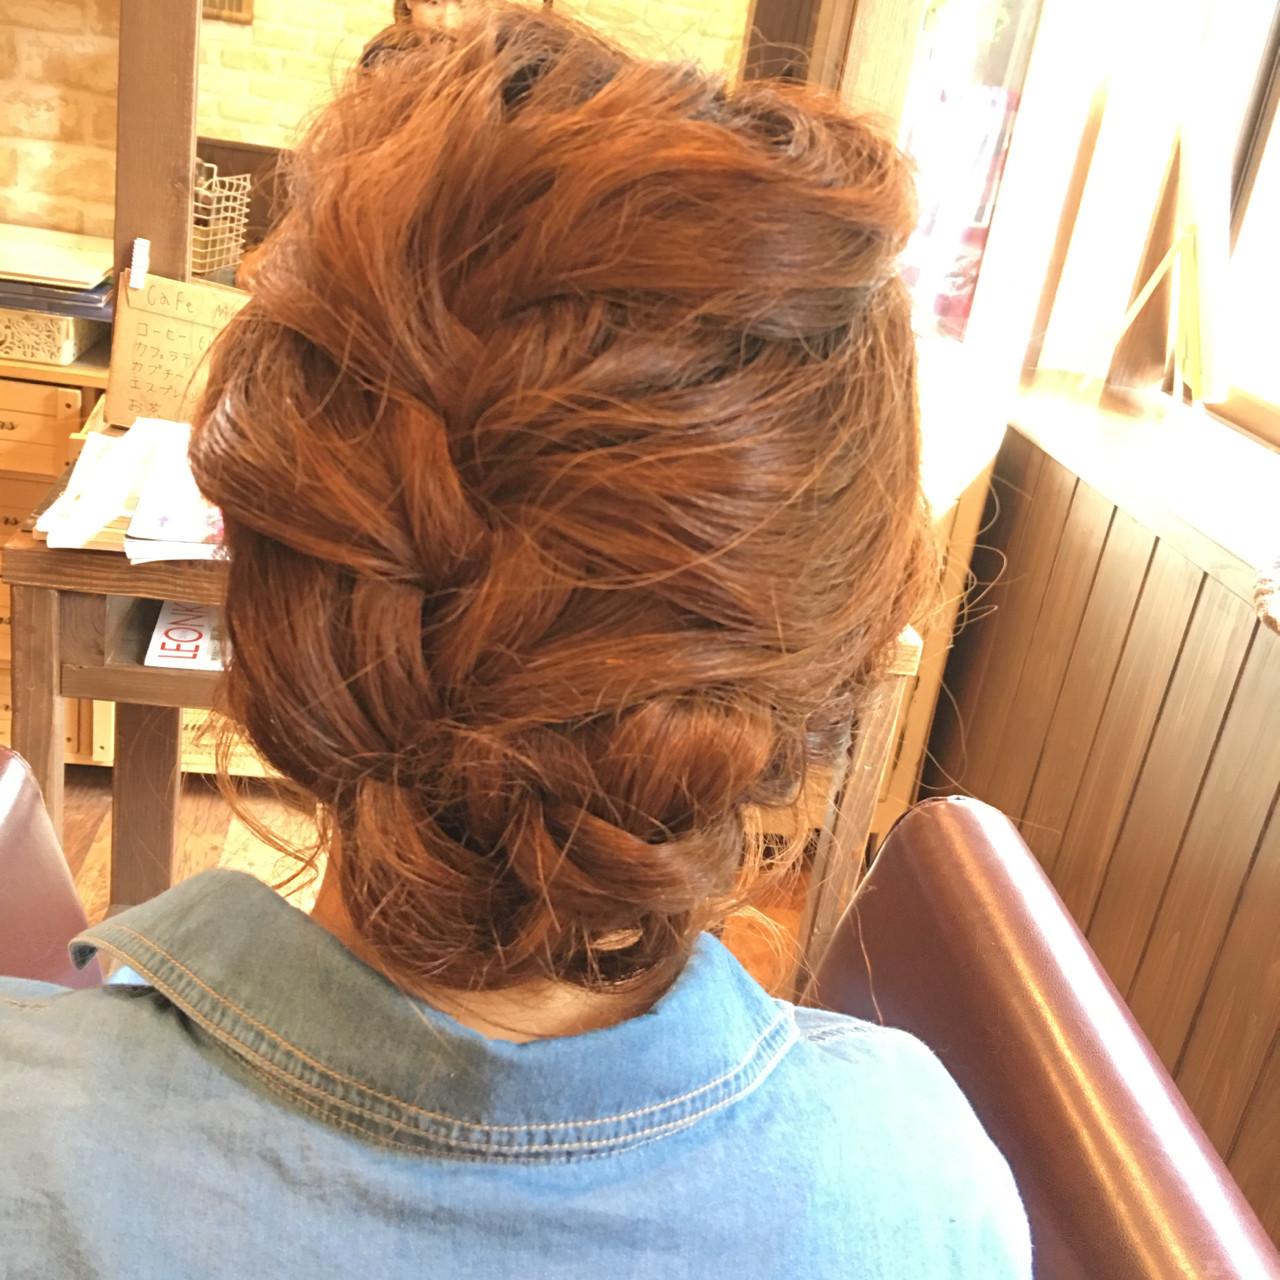 ナチュラル 簡単ヘアアレンジ 大人かわいい ミディアム ヘアスタイルや髪型の写真・画像 | miho nagaya / hair salon LE'A